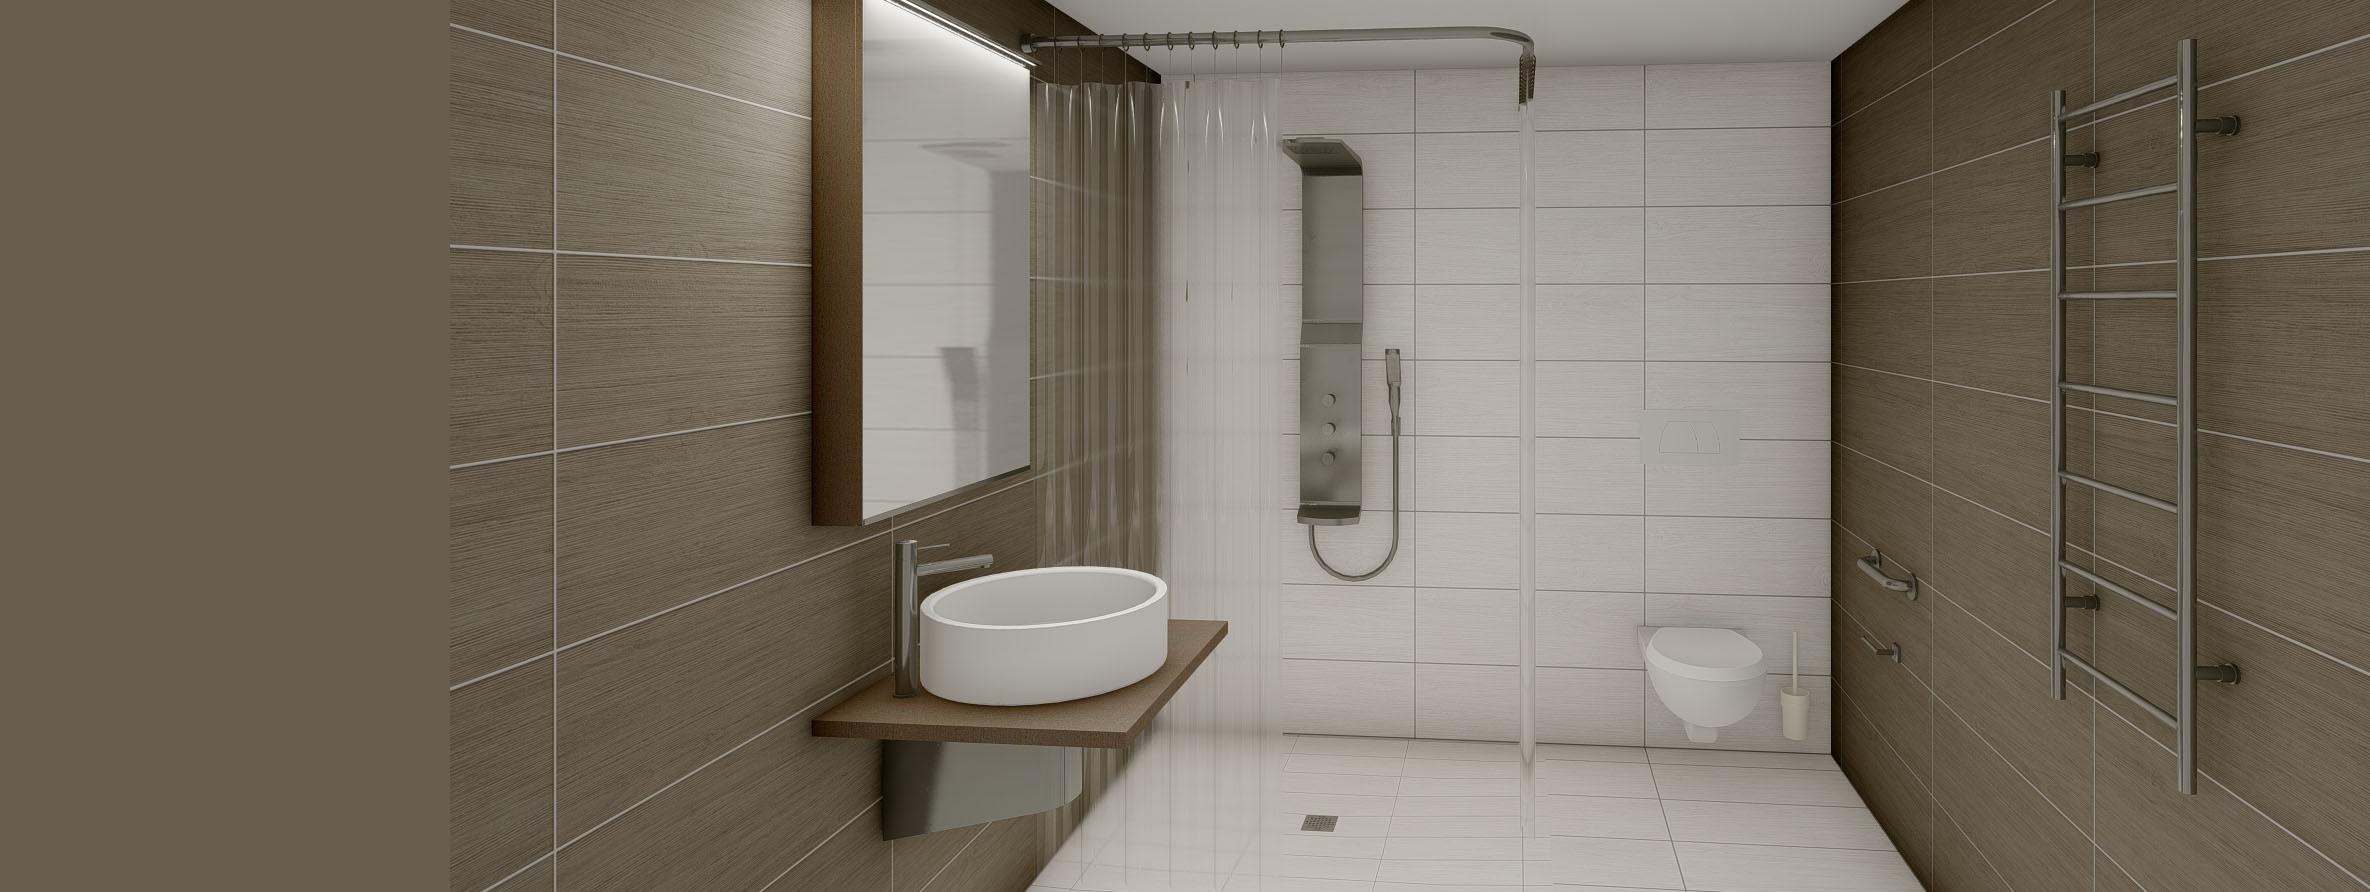 Les-Marguerites2_interieur_salle-de-bain2